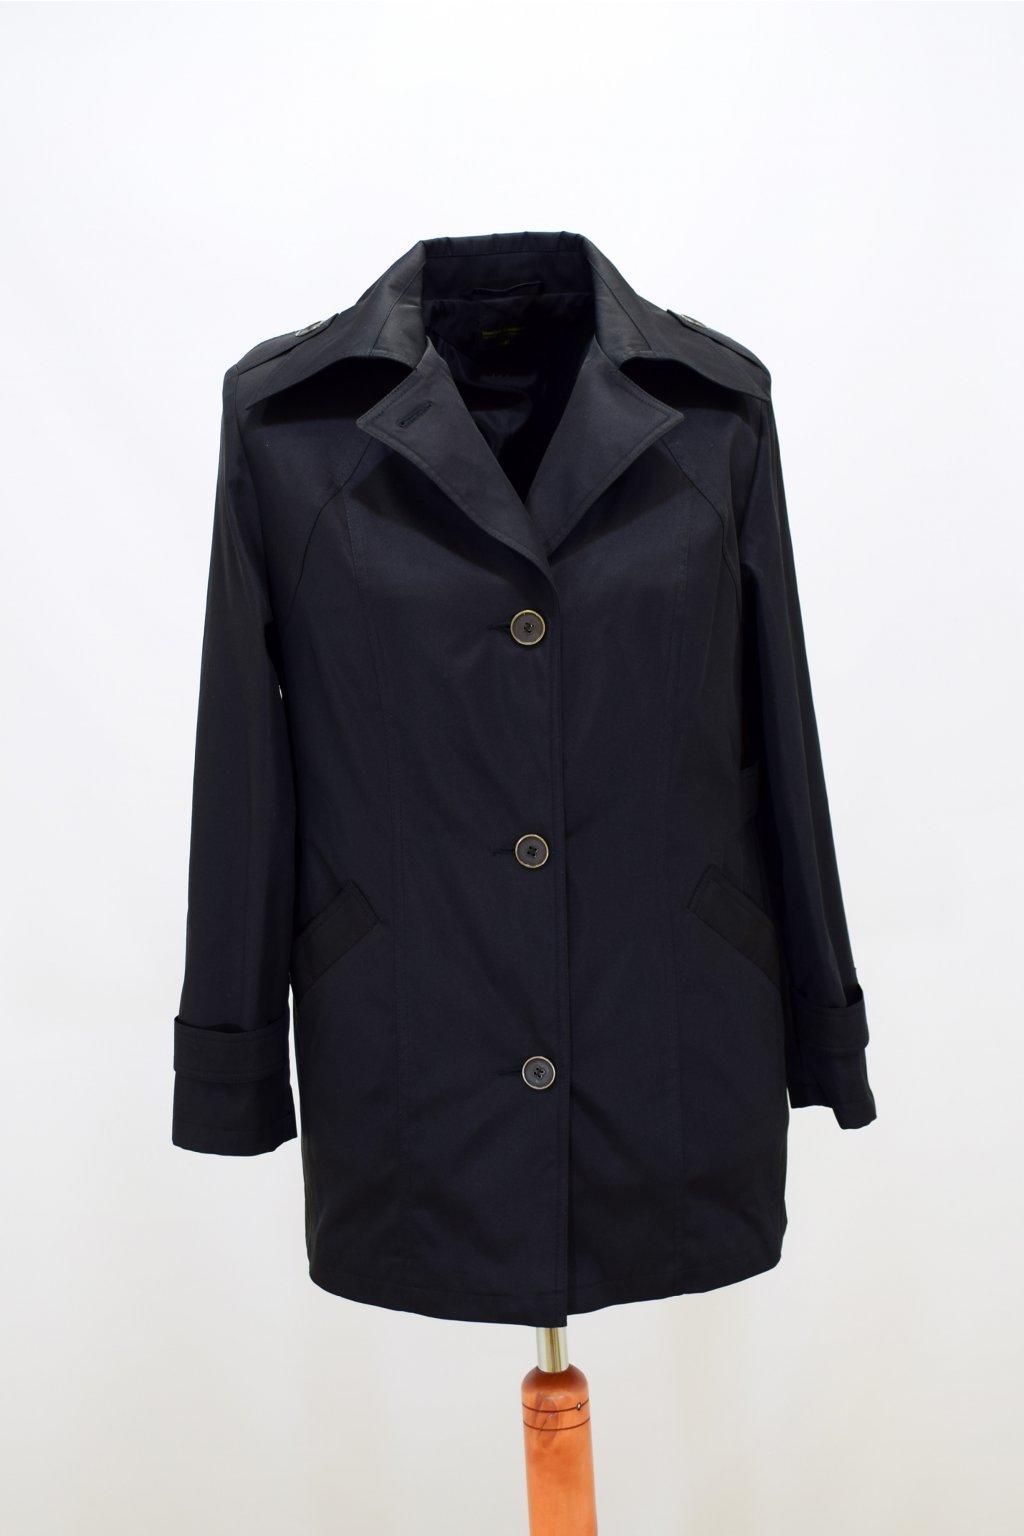 Dámský černá jarní kabátek Klára nadměrné velikosti.